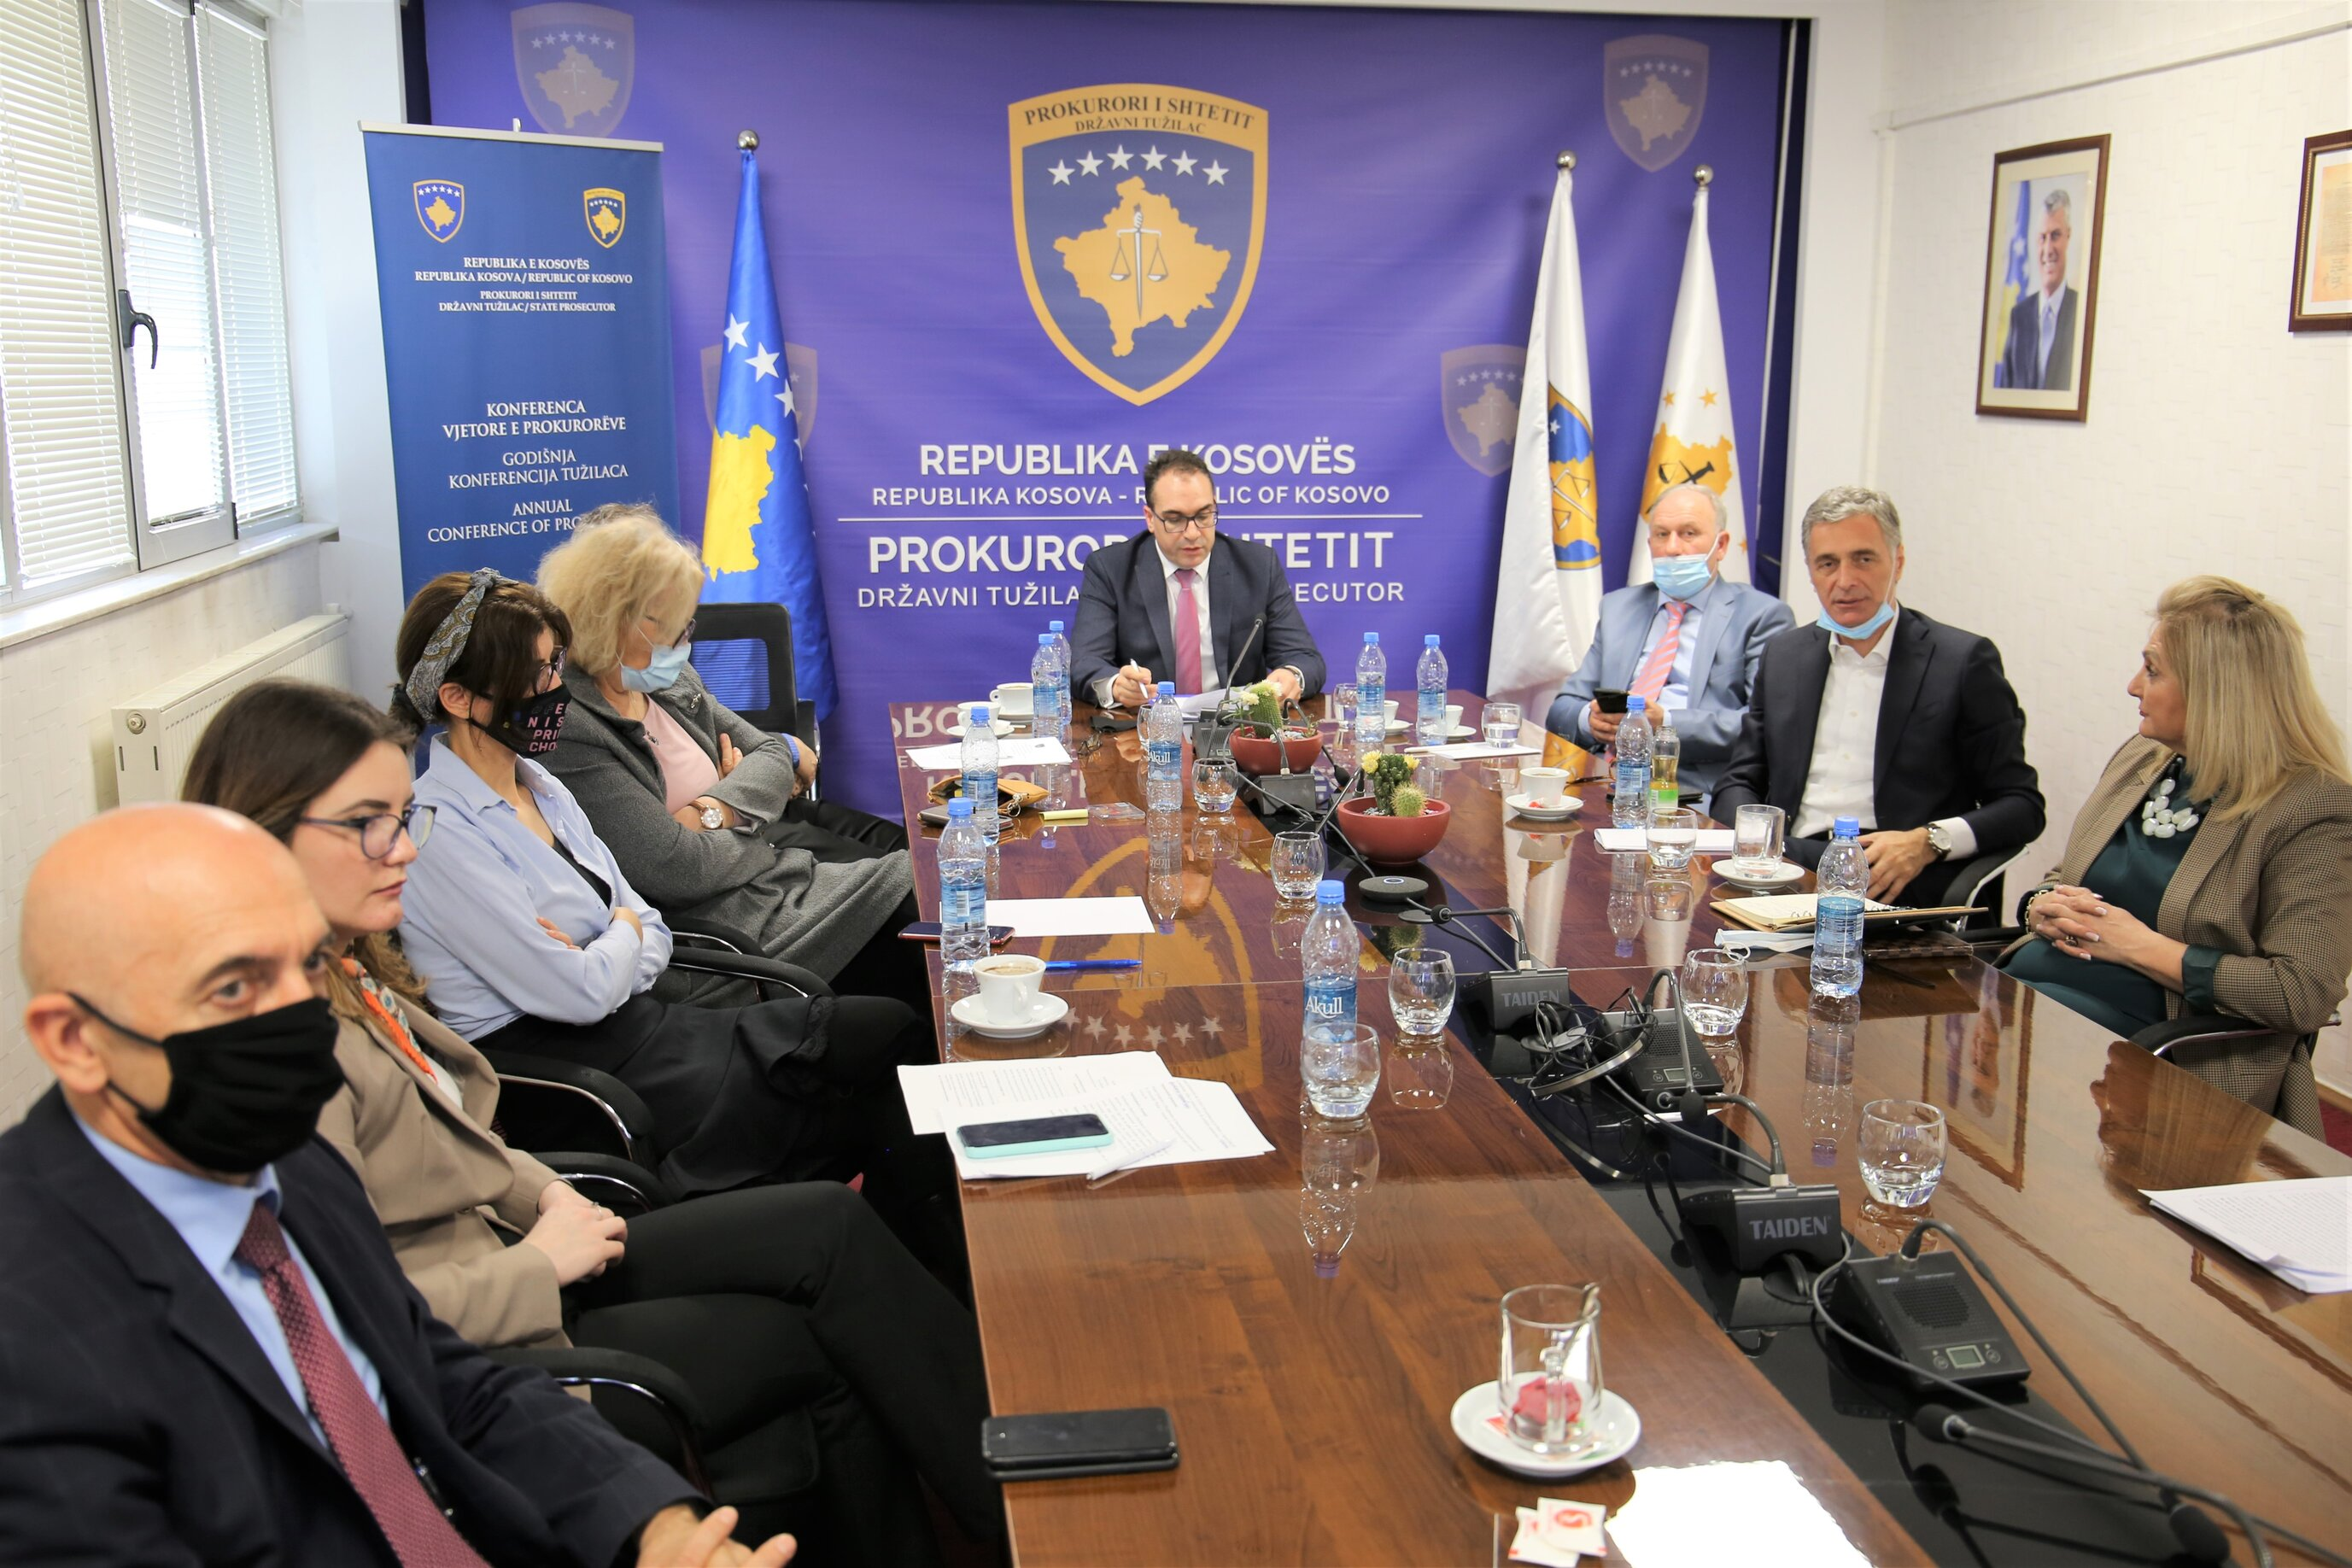 Prezantimi i Drejtorit të Përgjithshëm të Këshillit Prokurorial të Kosovë, Lavdim Krasniqi, me rastin e mbajtjes së Konferencës Vjetore të Prokurorëve